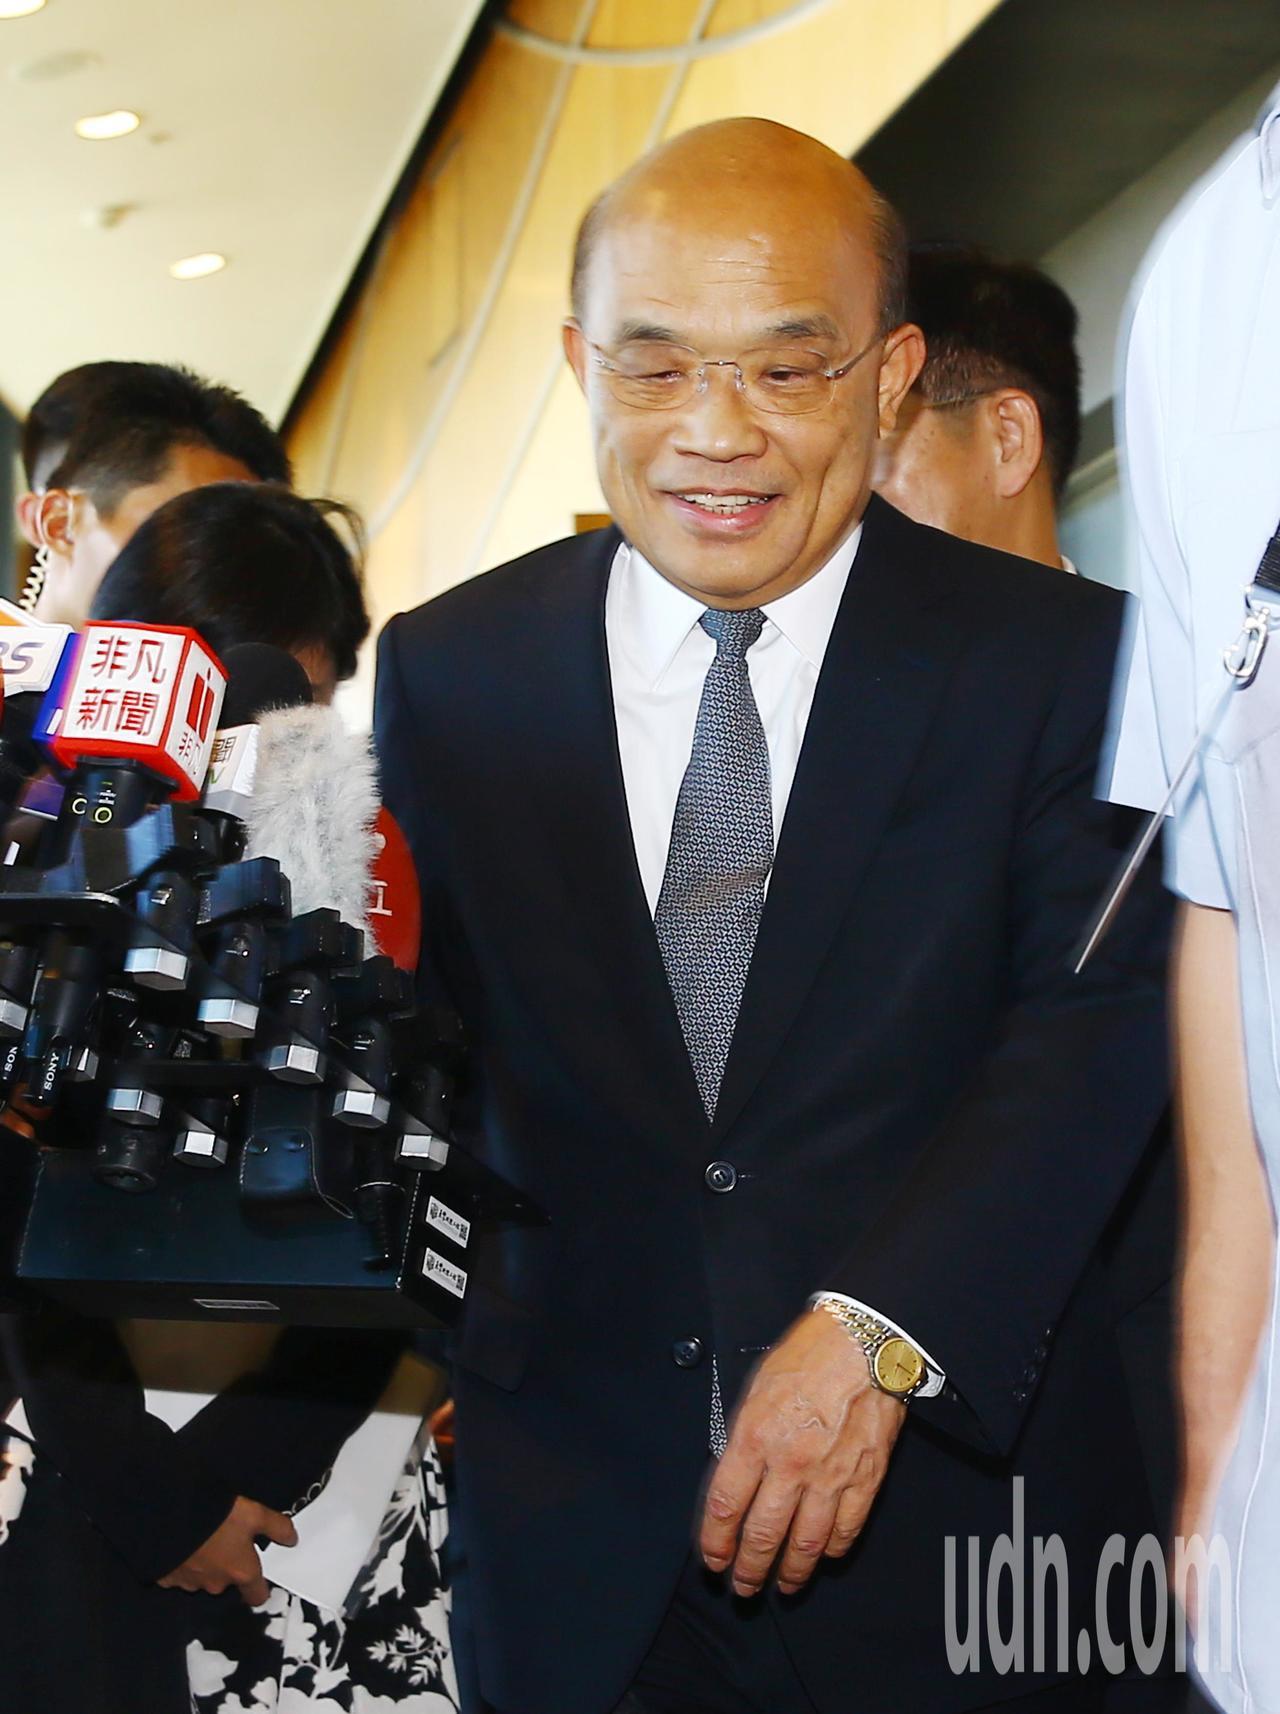 郭台銘上午宣布退出國民黨,蘇貞昌(圖)下午被記者問到此事的反應,酸到爆表回應媒體...